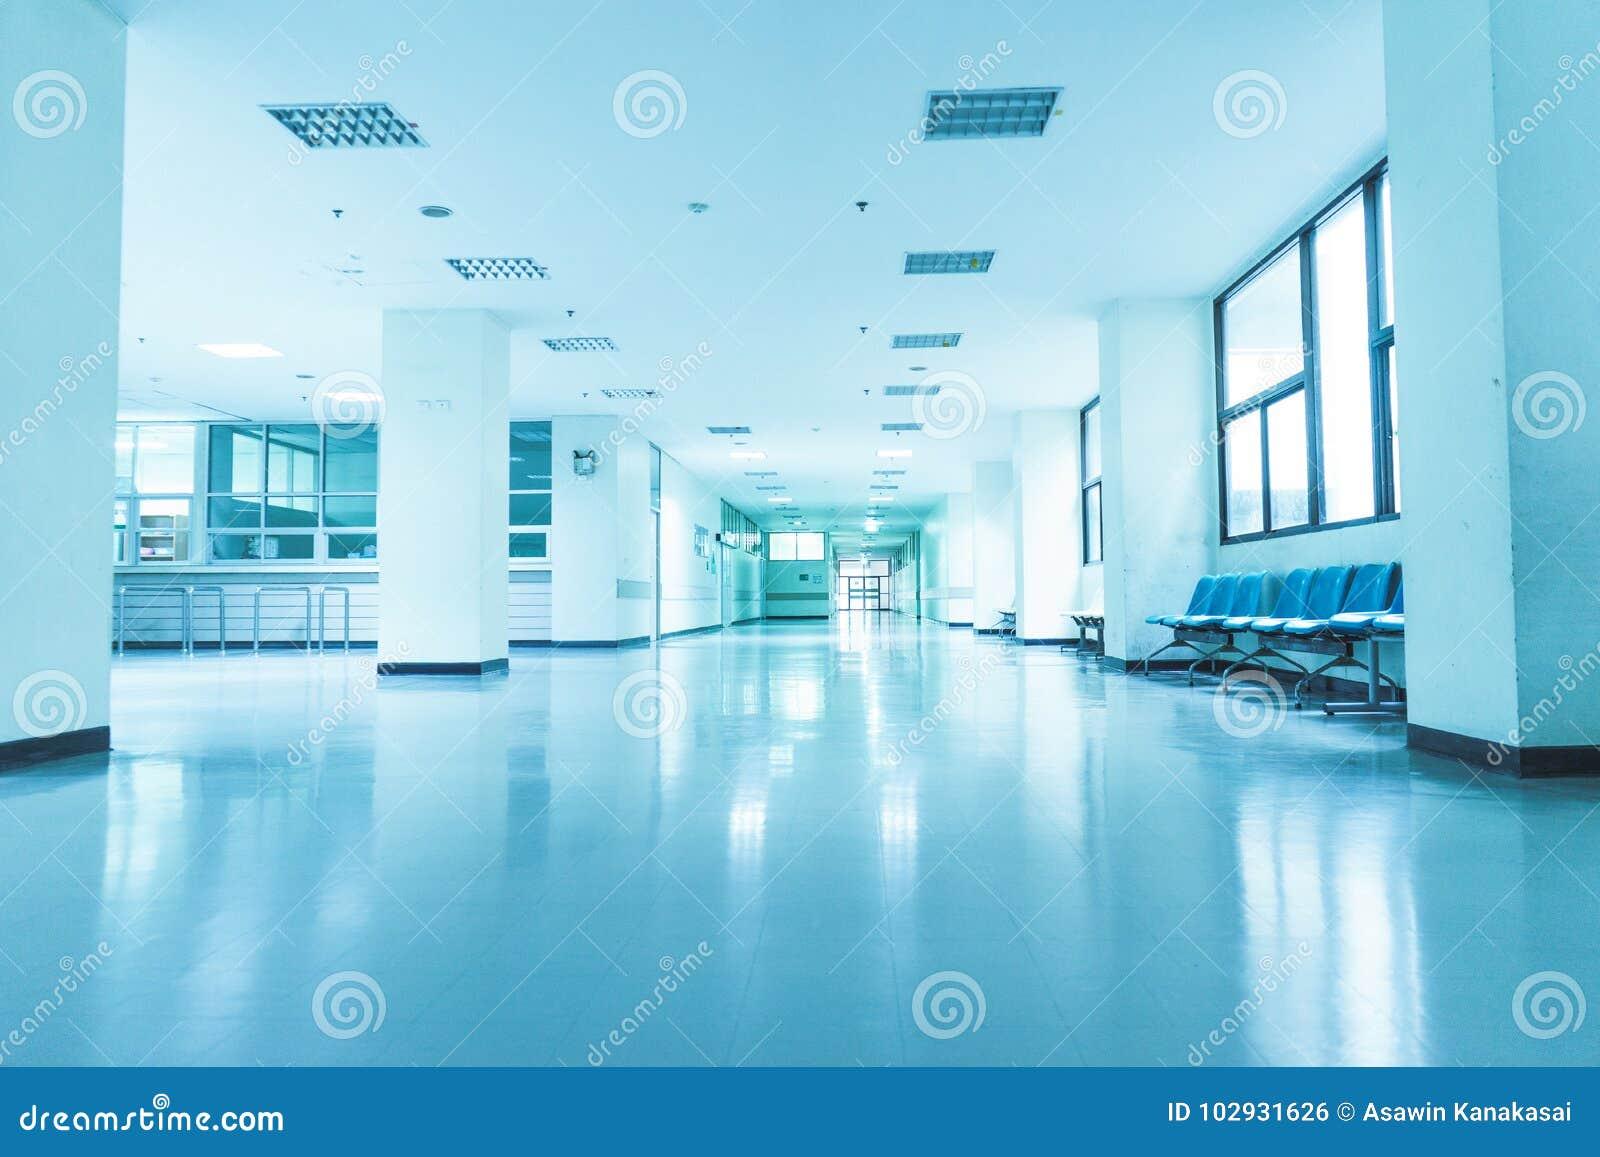 À l intérieur d un hôpital